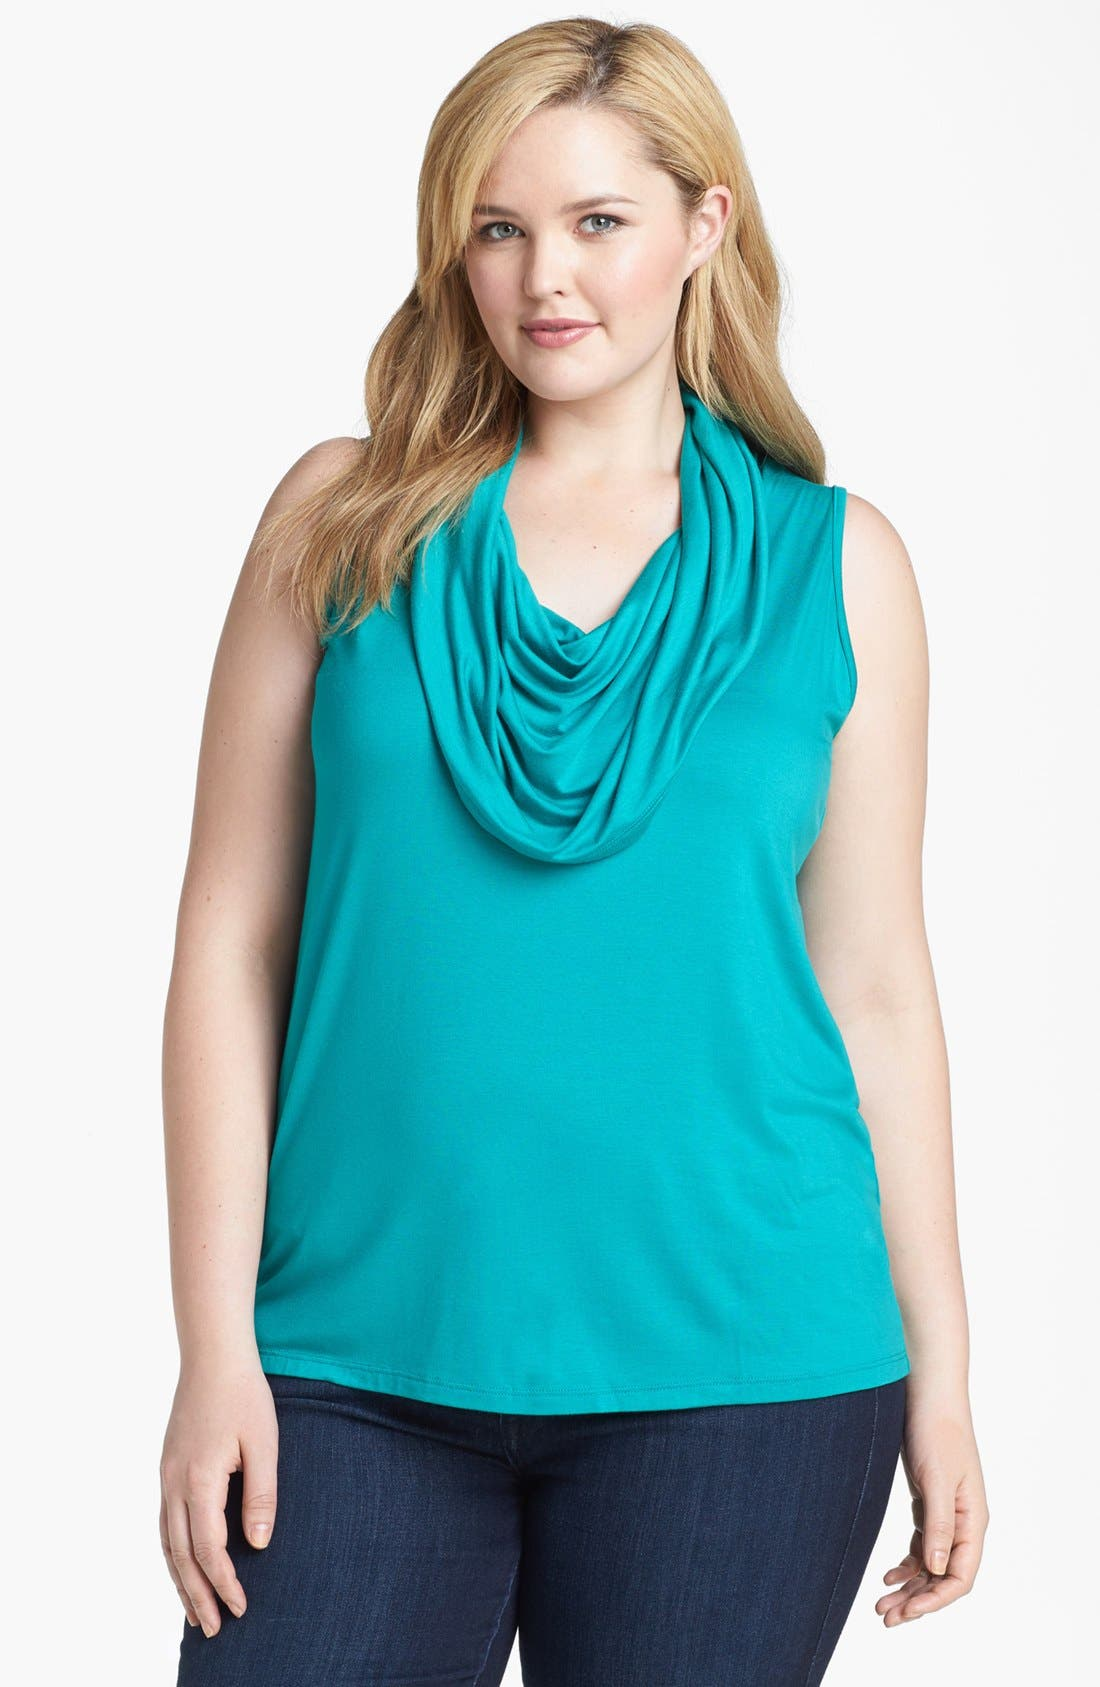 Main Image - Karen Kane Sleeveless Cowl Neck Top (Plus Size)